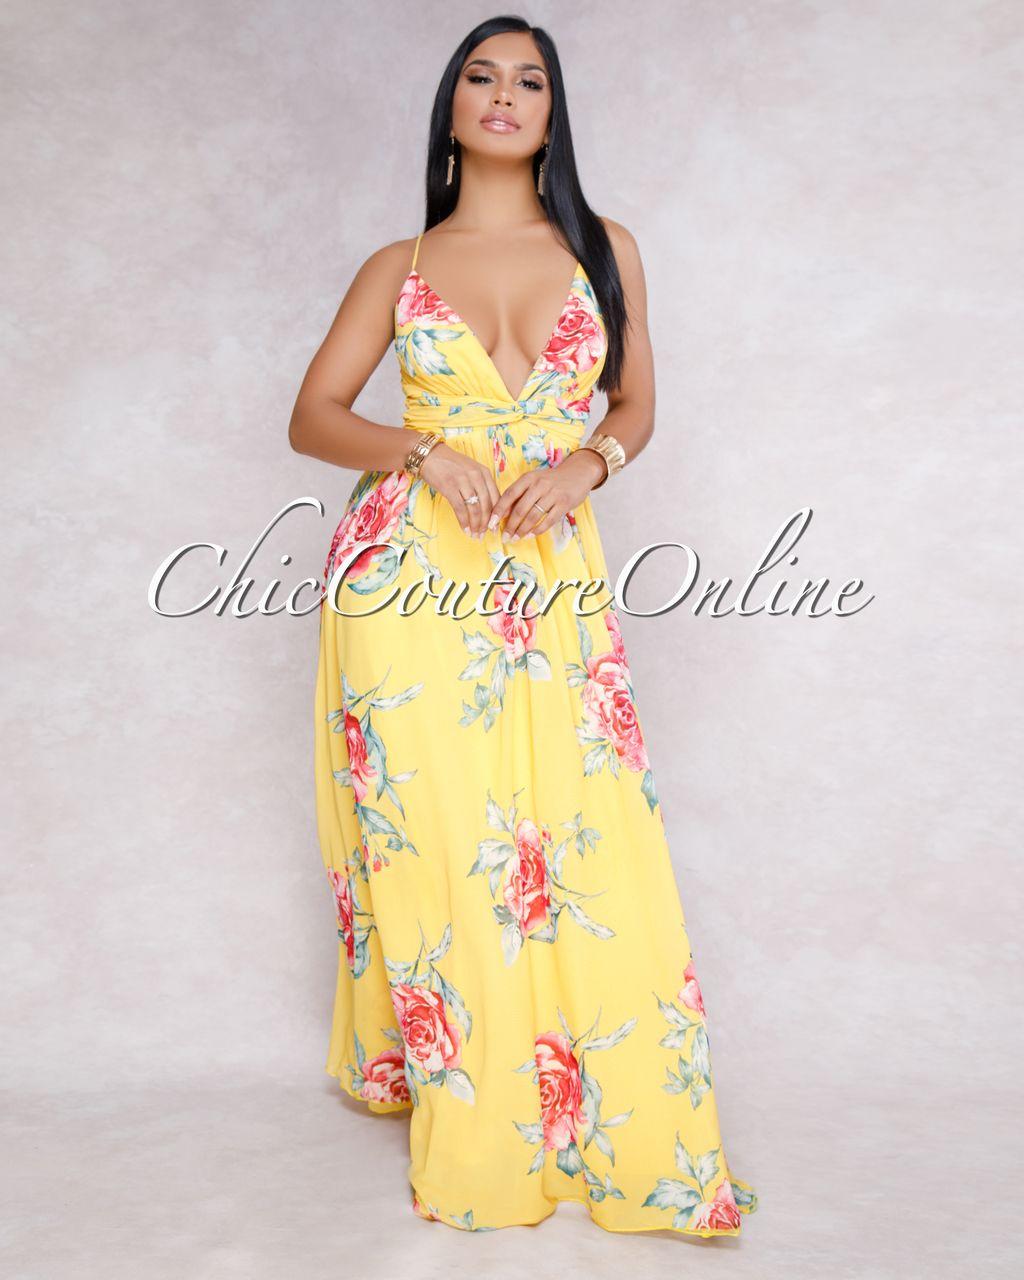 1897669d5ce Chic Couture Online - St-Tropez Yellow Multi-Color Floral Maxi Dress,  $150.00